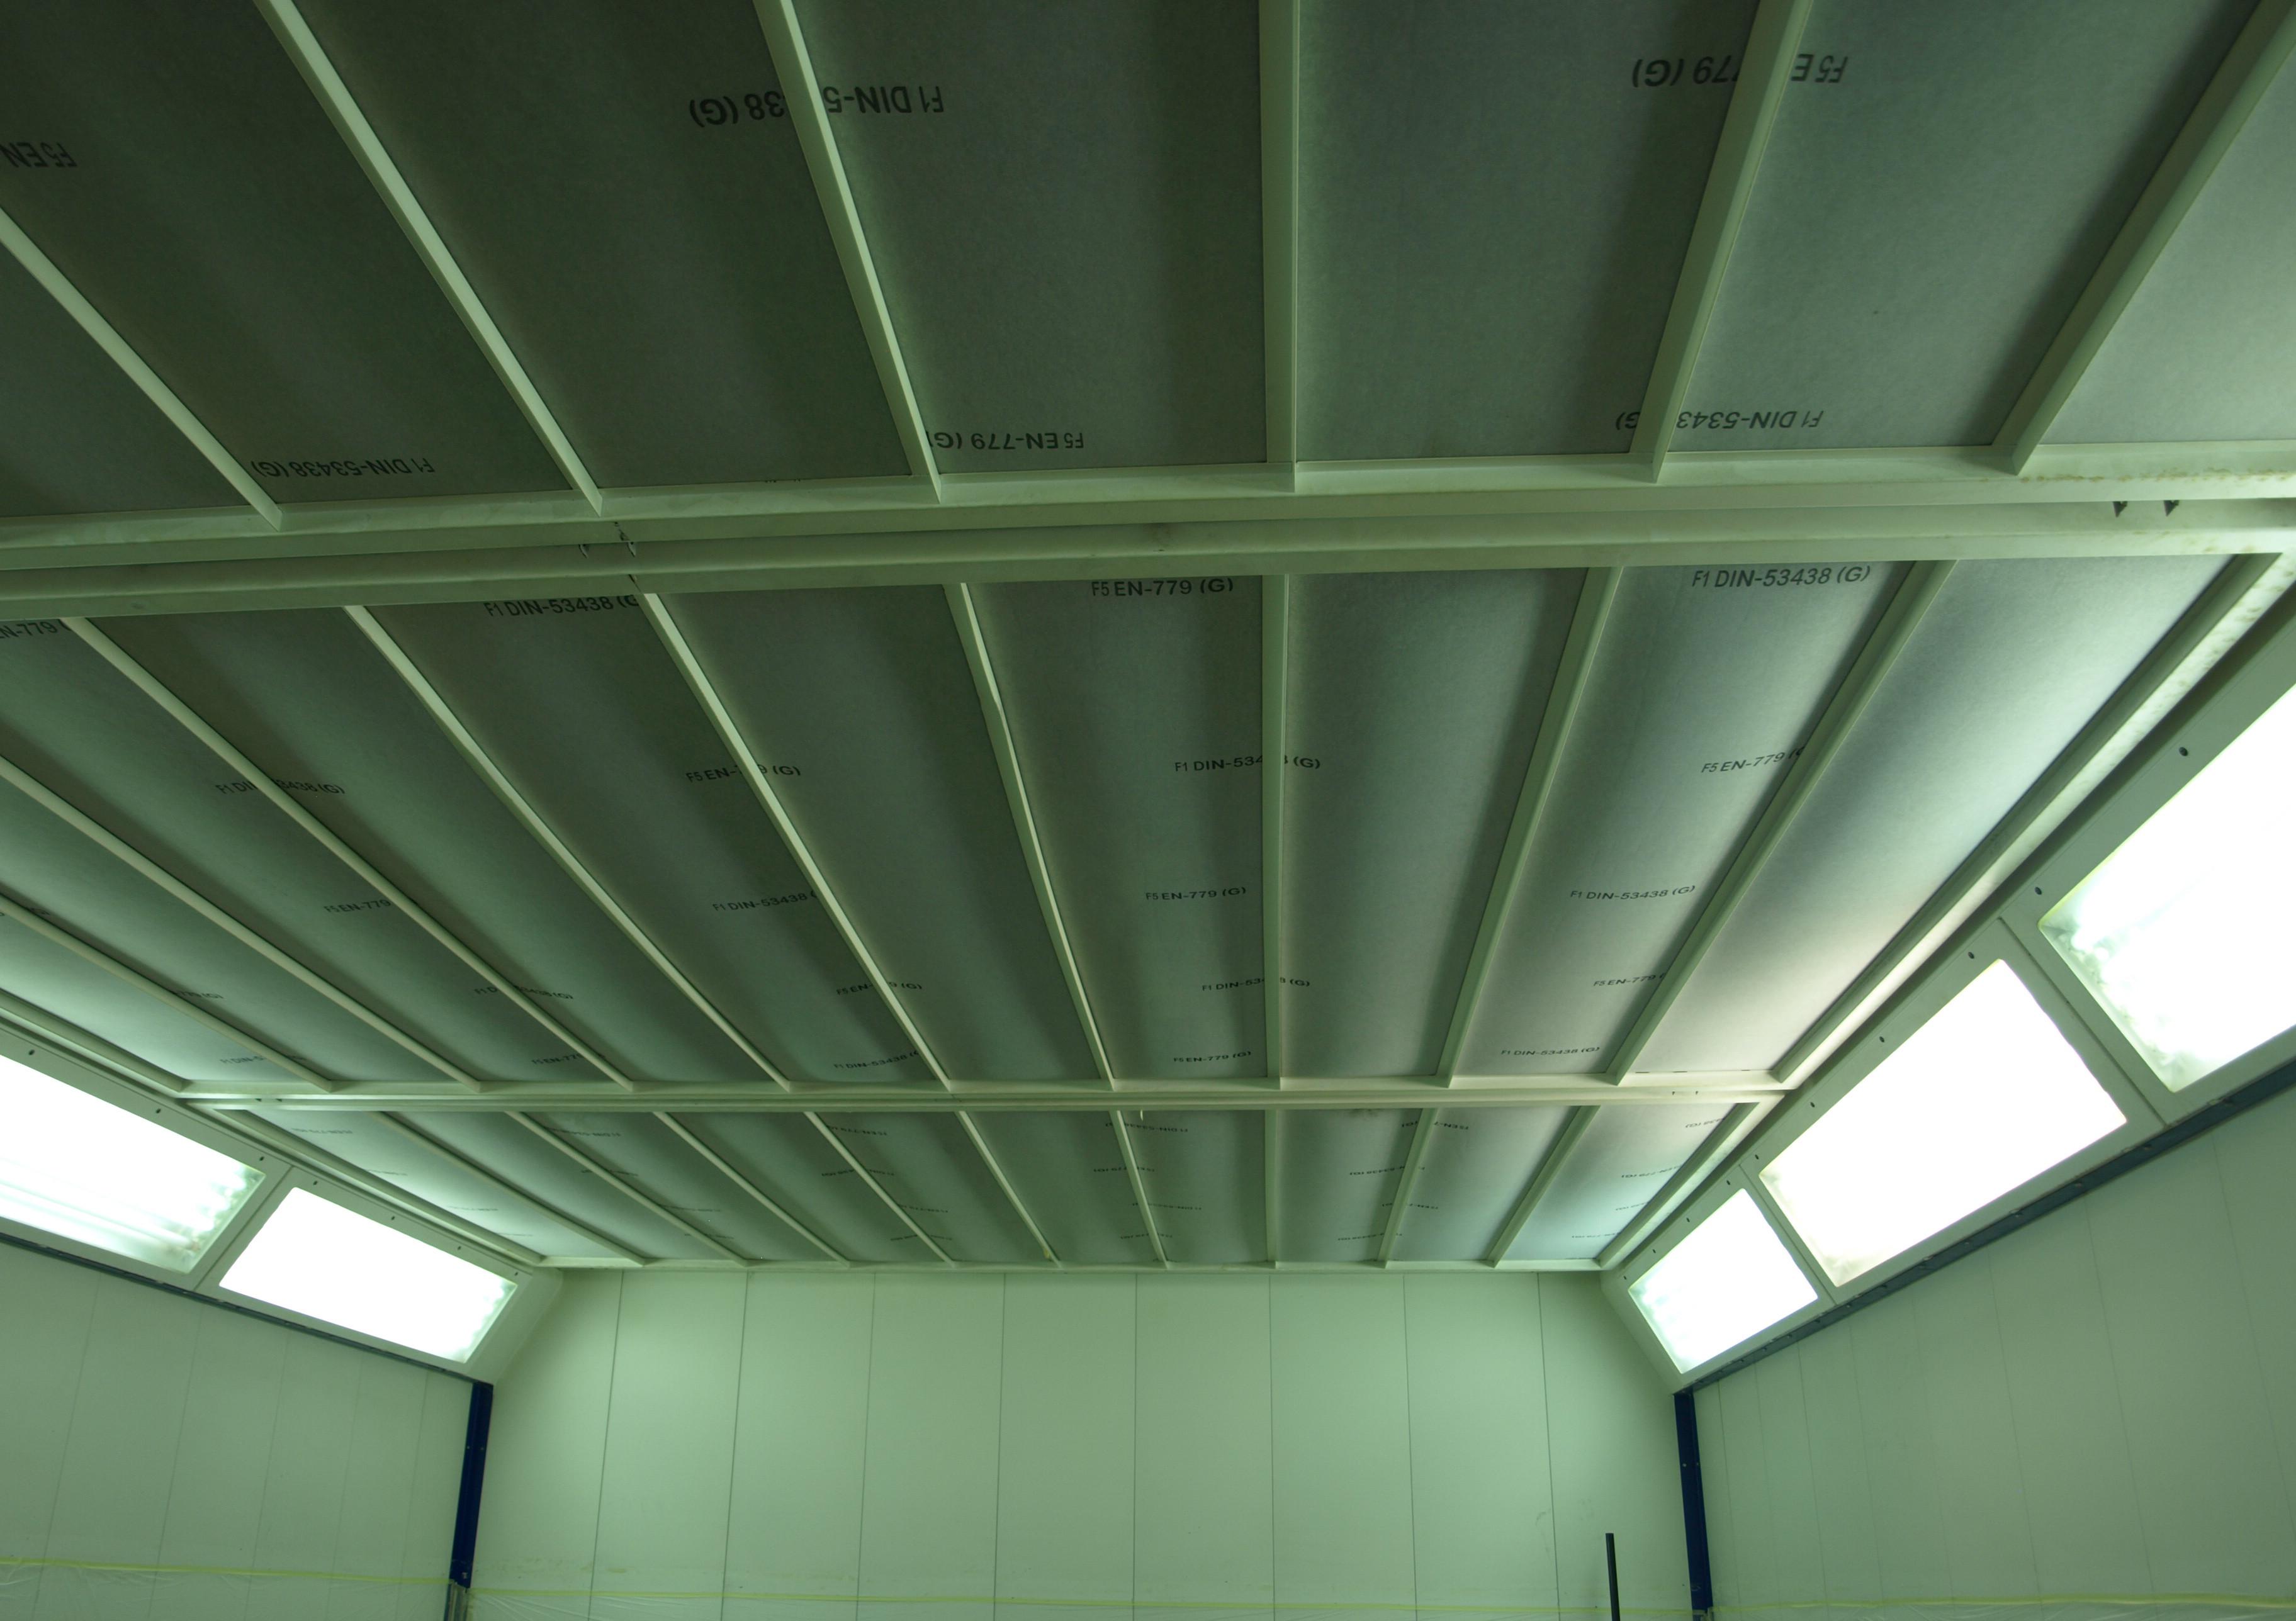 Filtre plafond dans une cabine de peinture - Isofilter